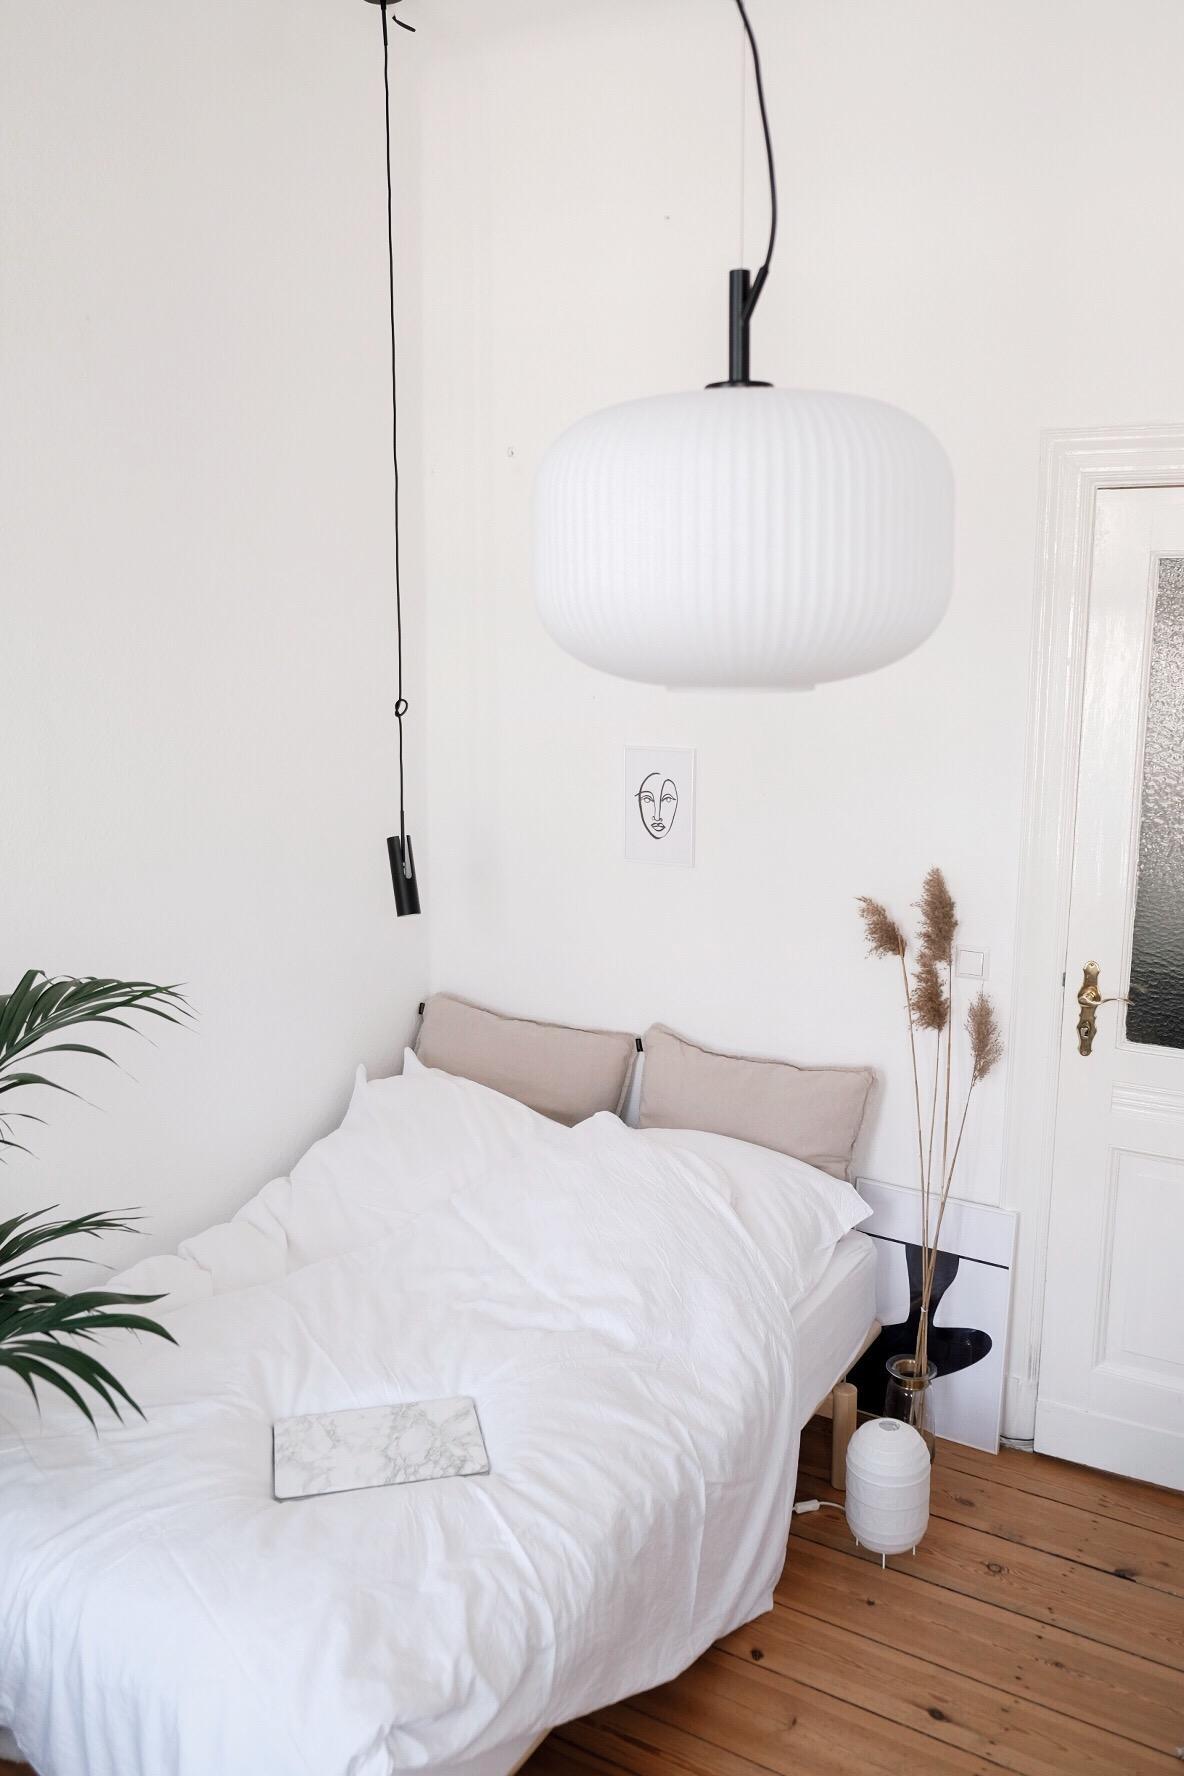 Full Size of Schlafzimmer Deckenlampen Ikea Deckenlampe Led Dimmbar Ideen Modern Deckenleuchte Ultraslim Wohnzimmer Ip44 Lampe Obi Design Amazon Deckenleuchten Tipps Und Schlafzimmer Schlafzimmer Deckenlampe